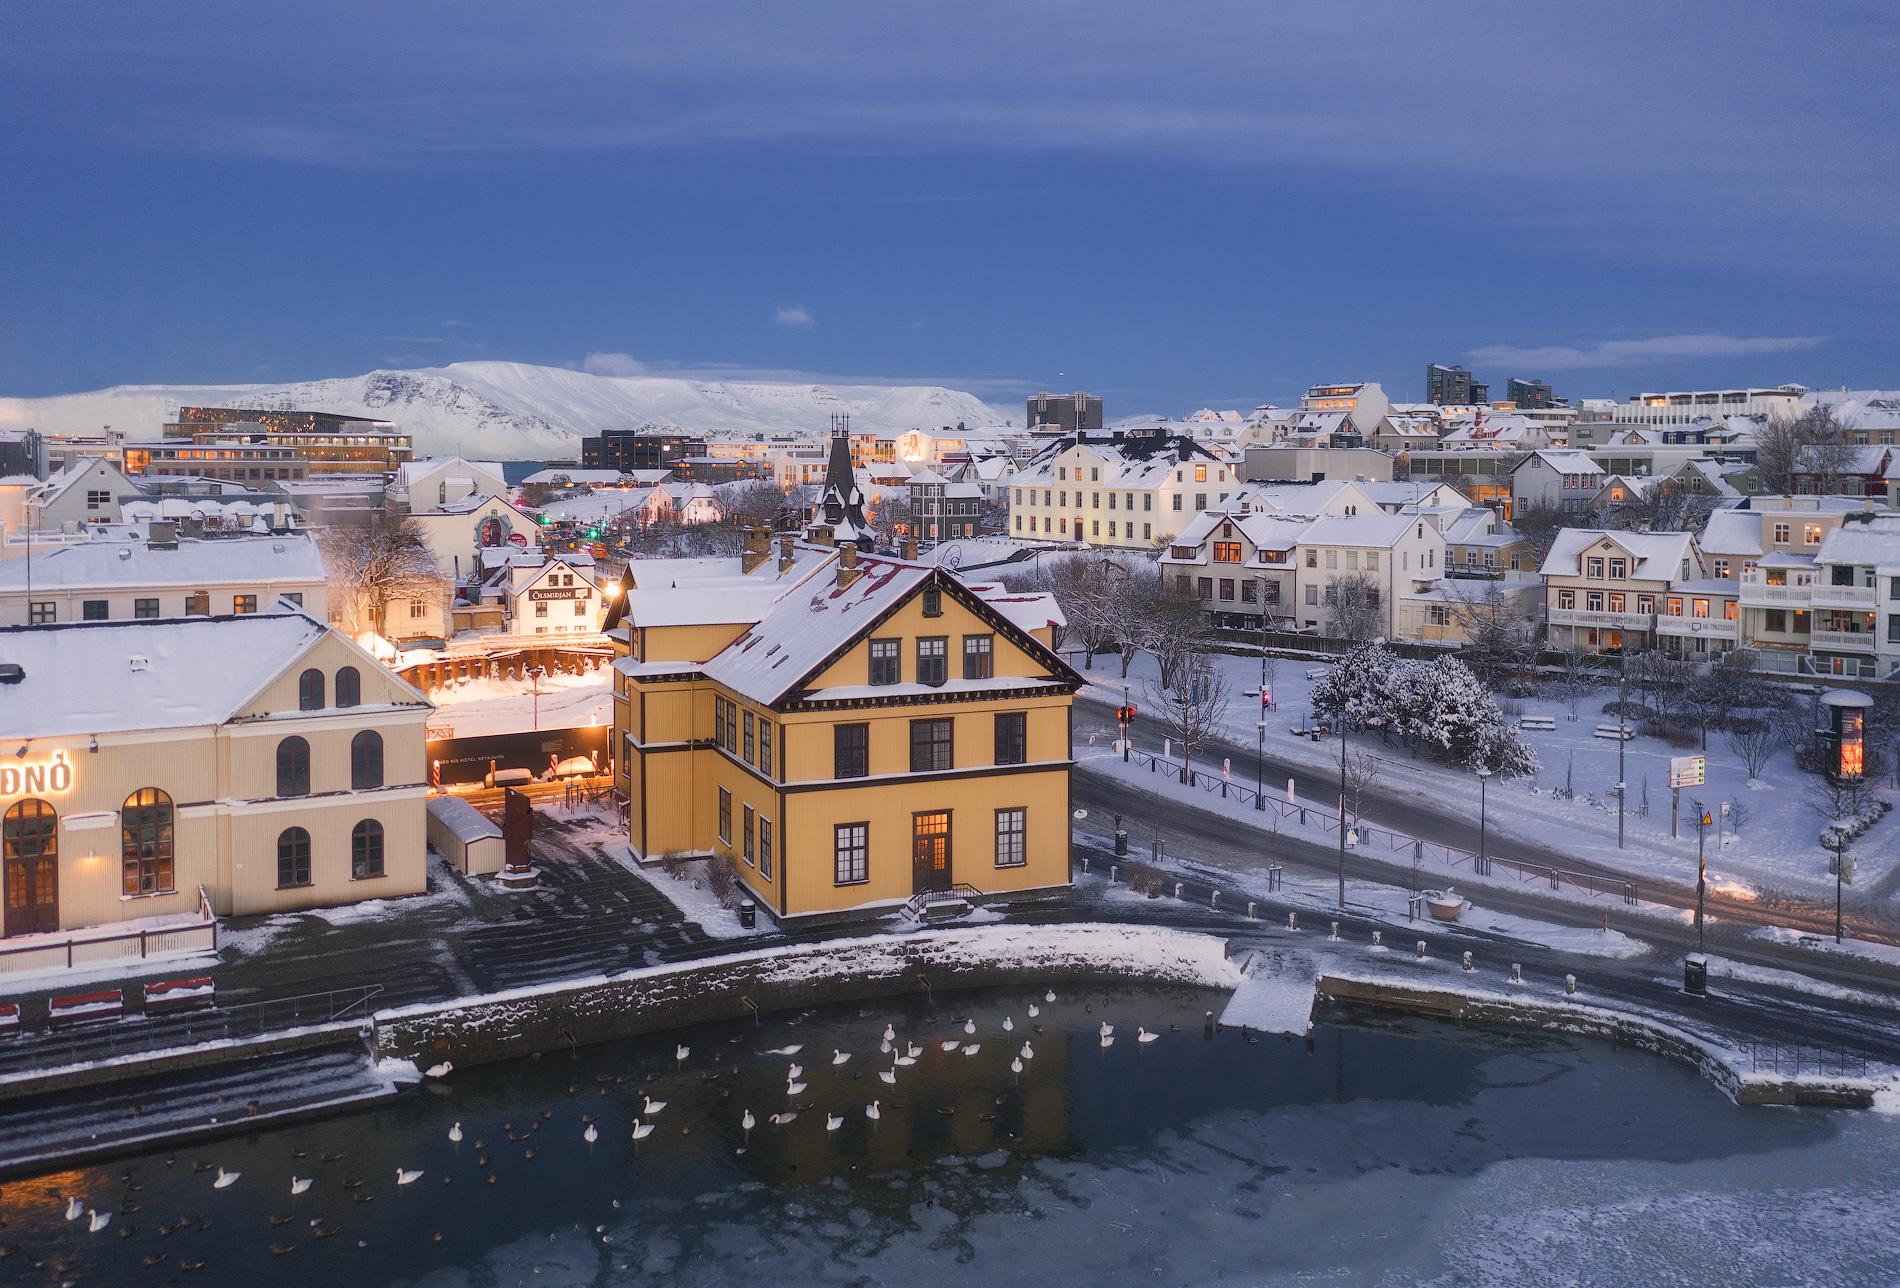 Il centro di Reykjavík con una leggera spolverata di neve.